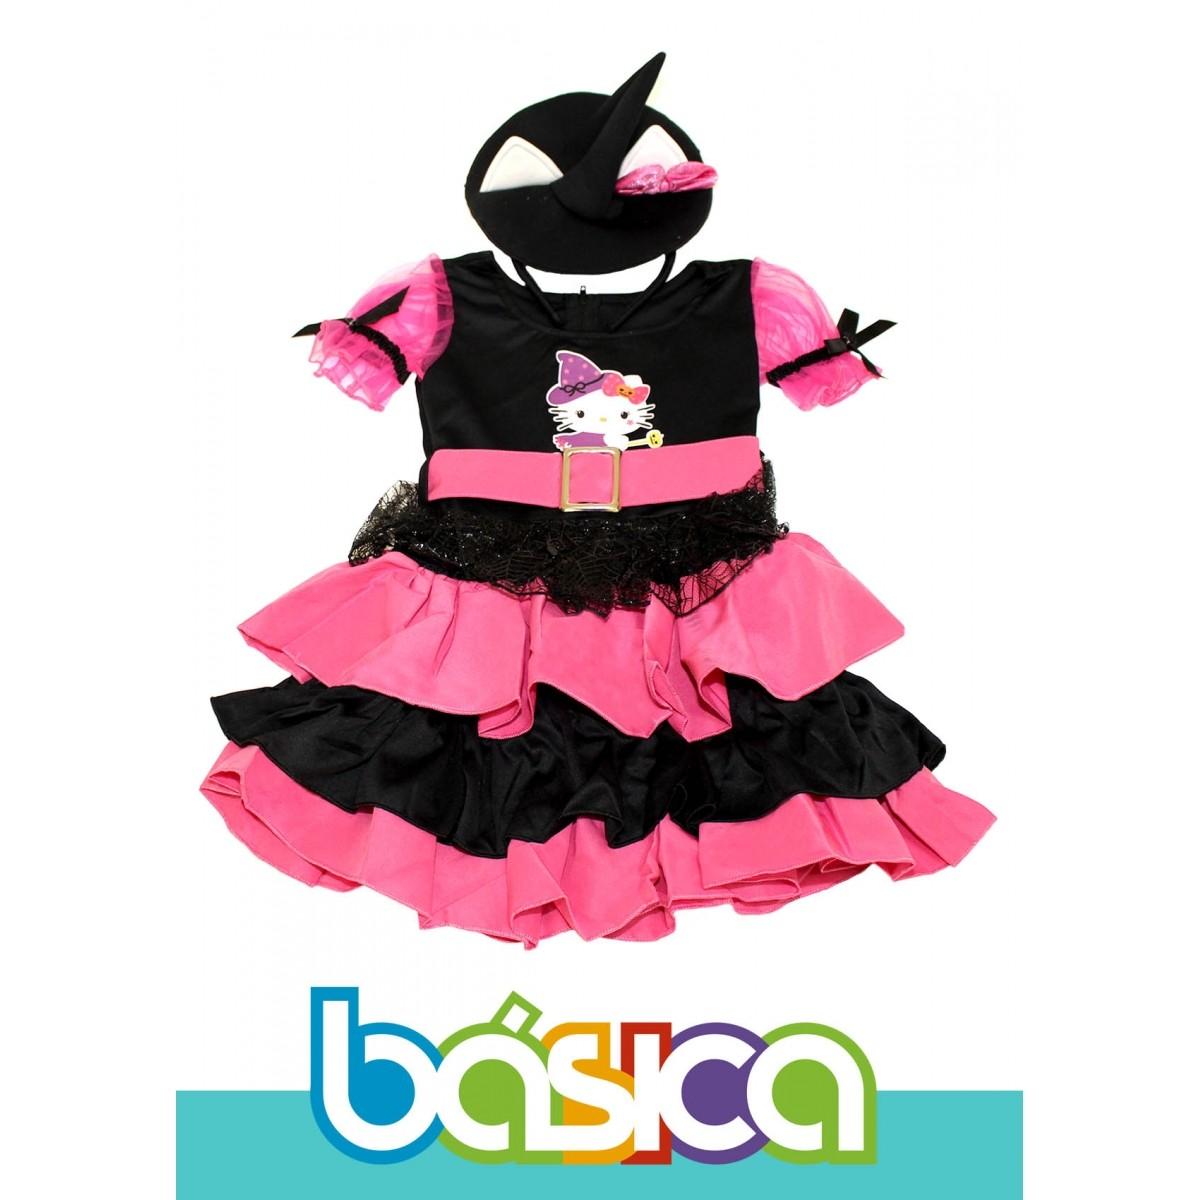 Fantasia de Bruxa Hello Kitty Infantil Preto com Rosa e Chapéu de Bruxa  - BÁSICA UNIFORMES